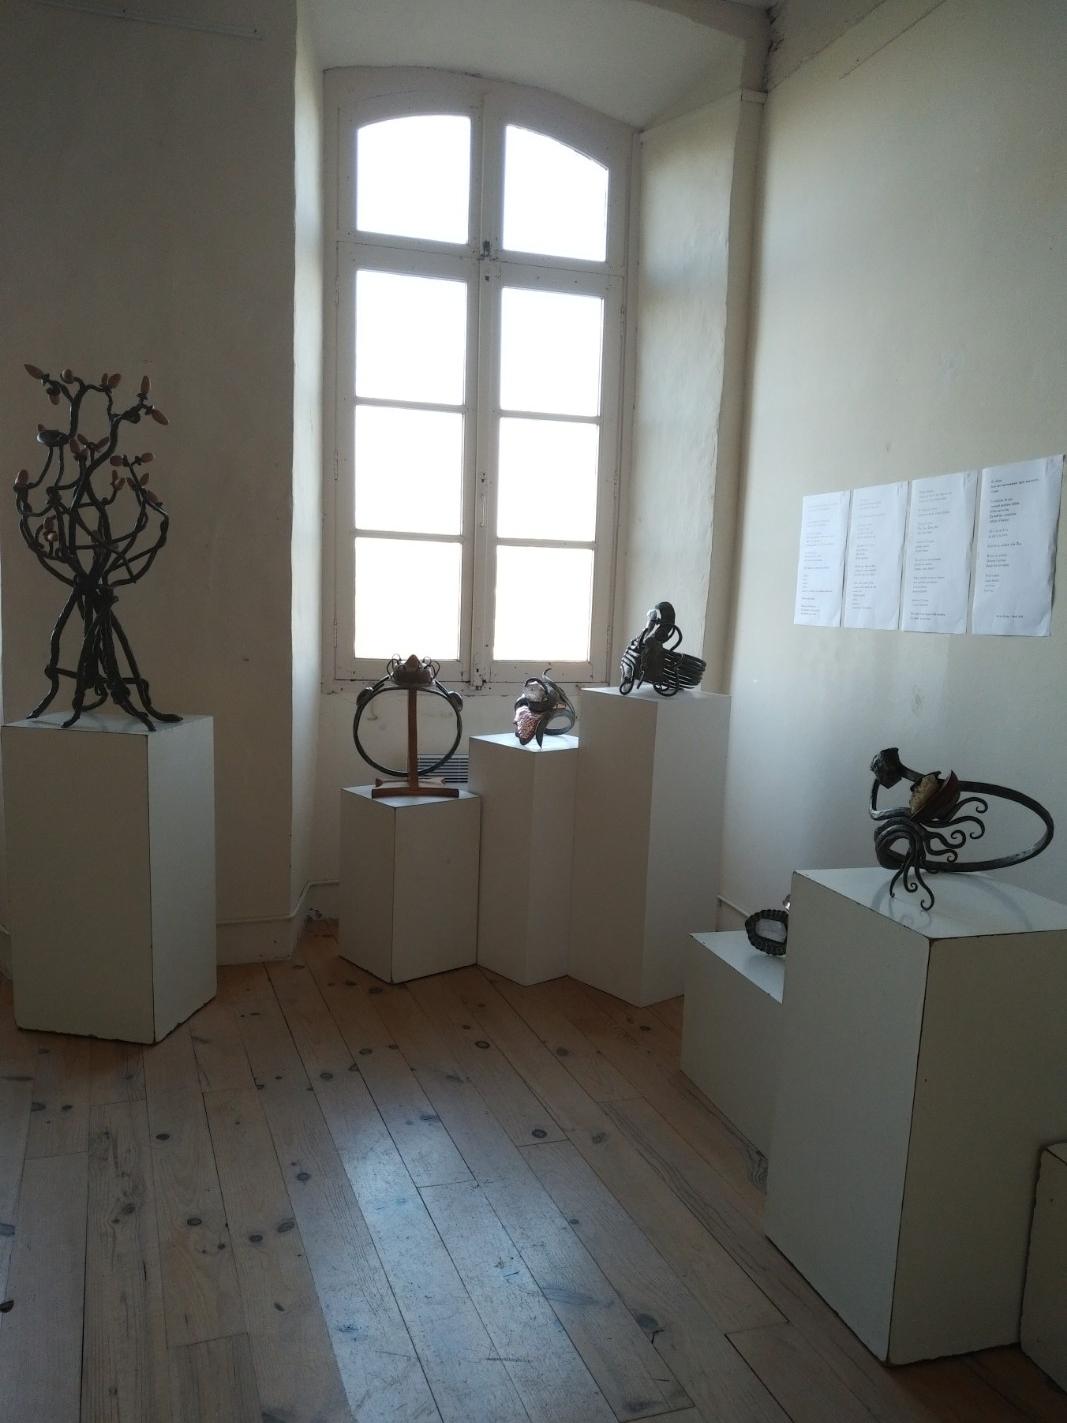 Exposition de juillet 2018 Sculptures d'Arnaud Elisabeth